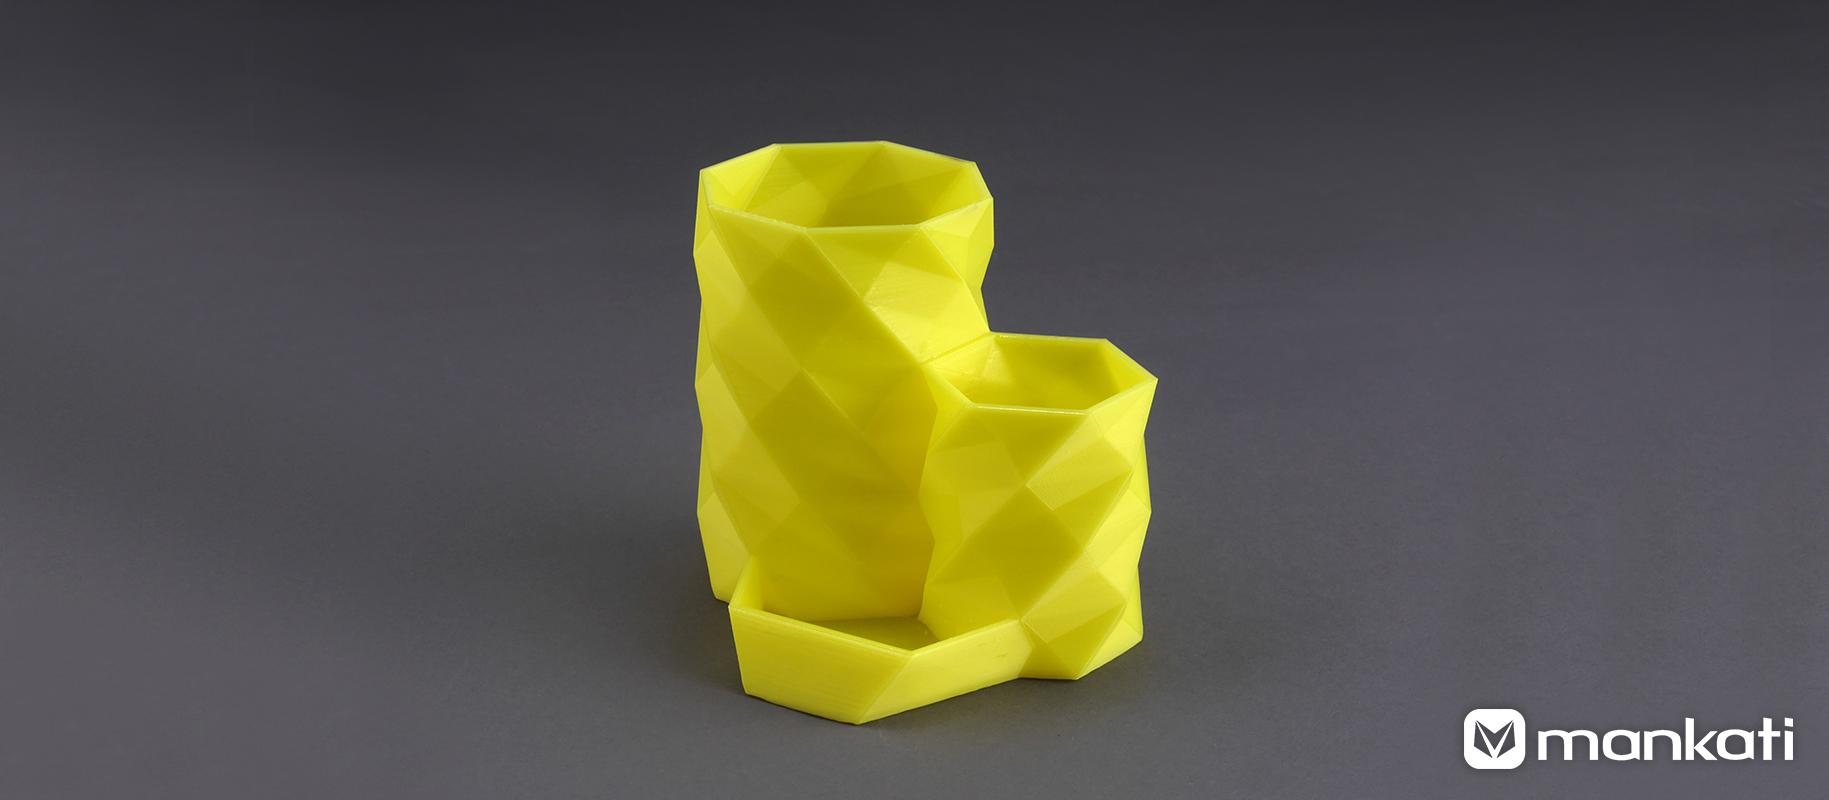 耐酸碱的PETG材料,尼龙12,尼龙桌面级3D打印机,大尺寸打印机,工业级打印机